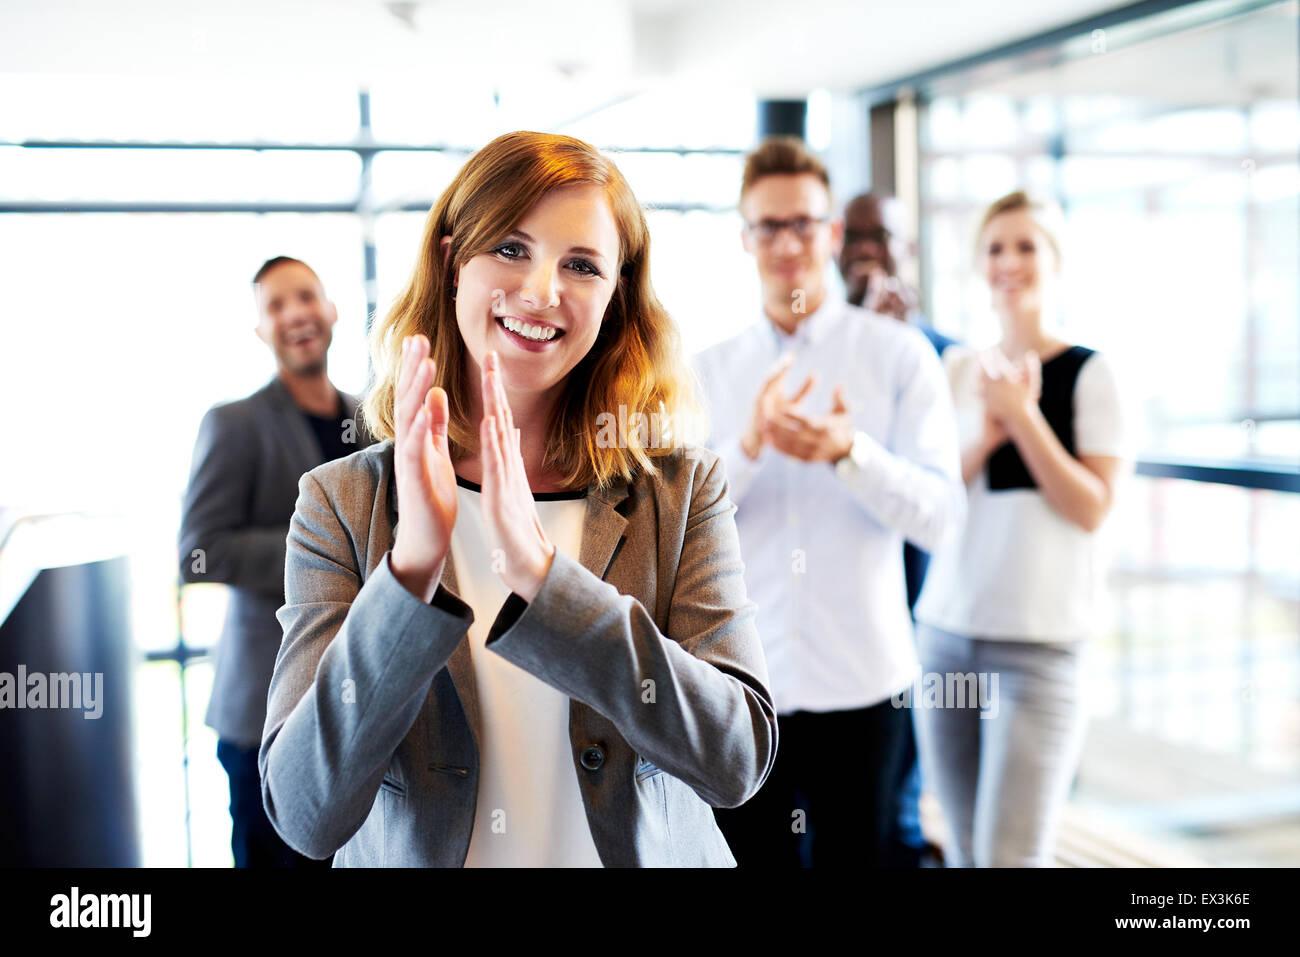 Jeune femme blanche directrice debout devant des collègues des mains et souriant Photo Stock